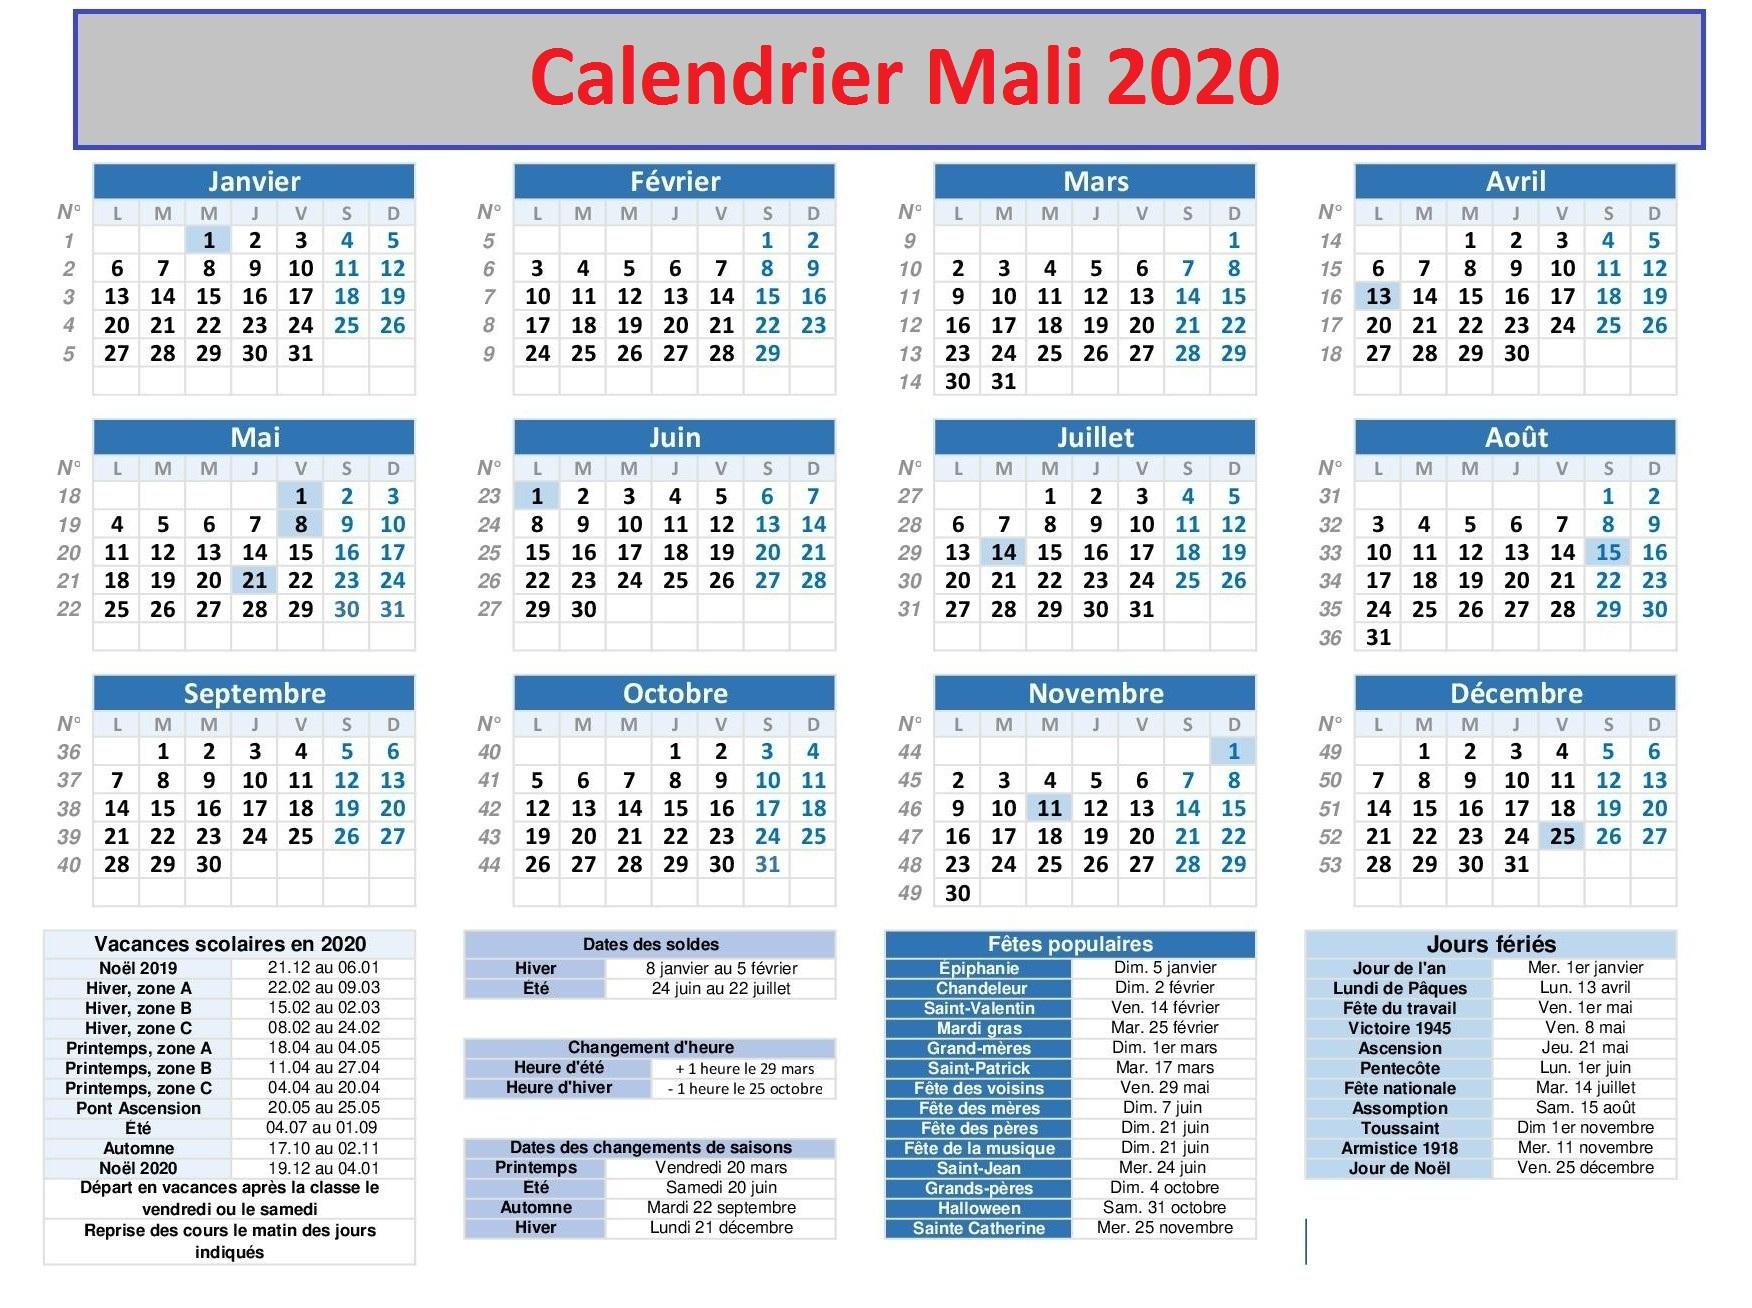 Calendrier Scolaire 2020 Mali